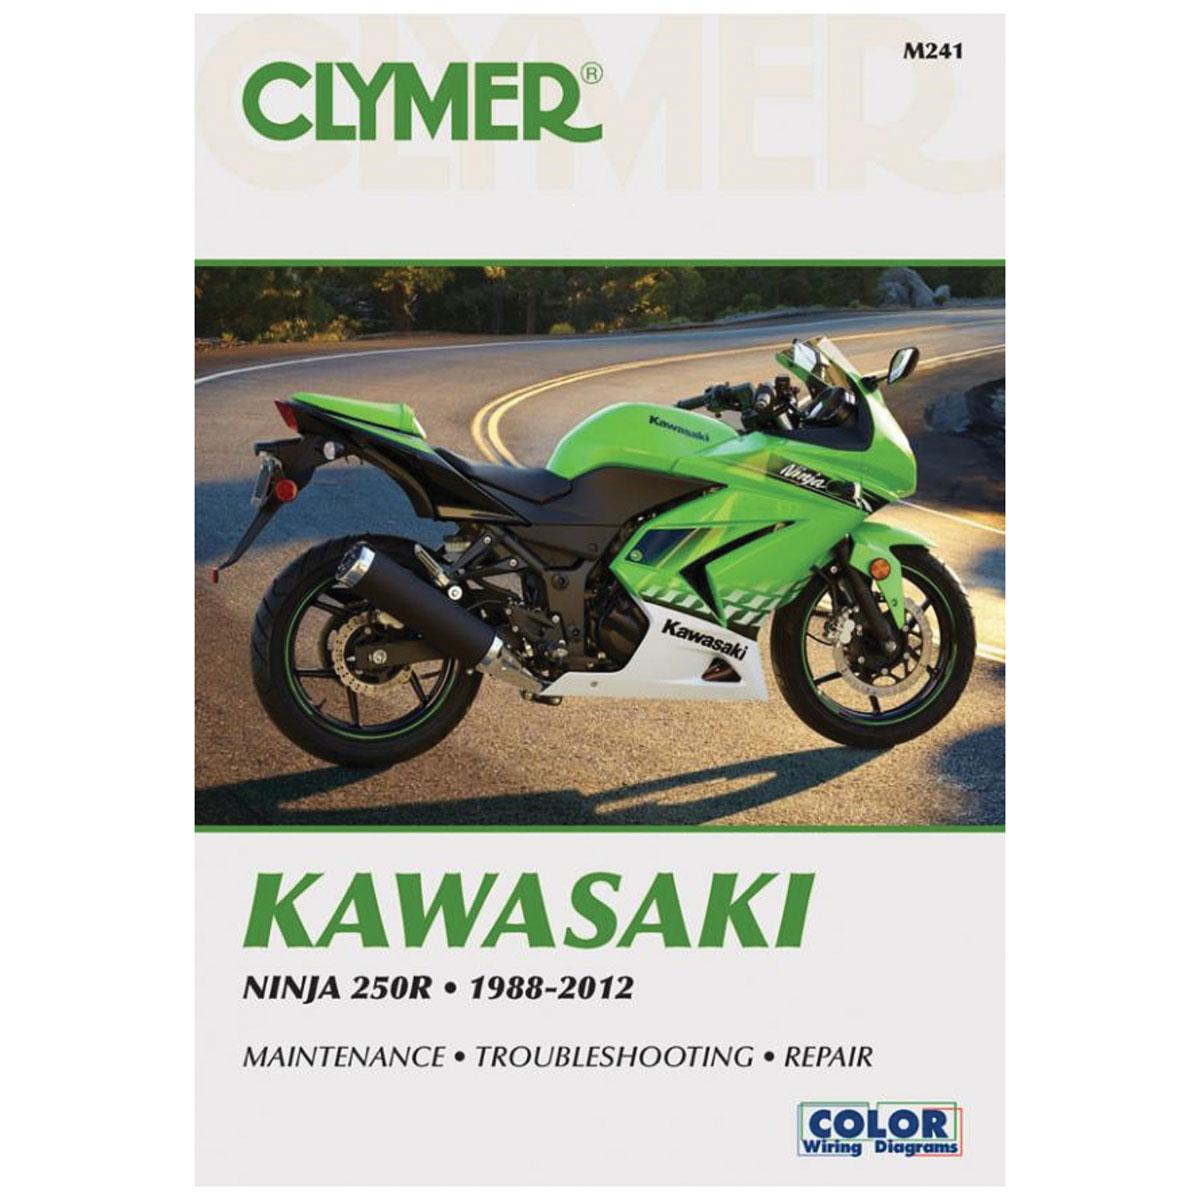 clymer kawasaki motorcycle repair manual 181 2286 j p cycles rh jpcycles com kawasaki motorcycle parts manual kawasaki motorcycle service manual free download